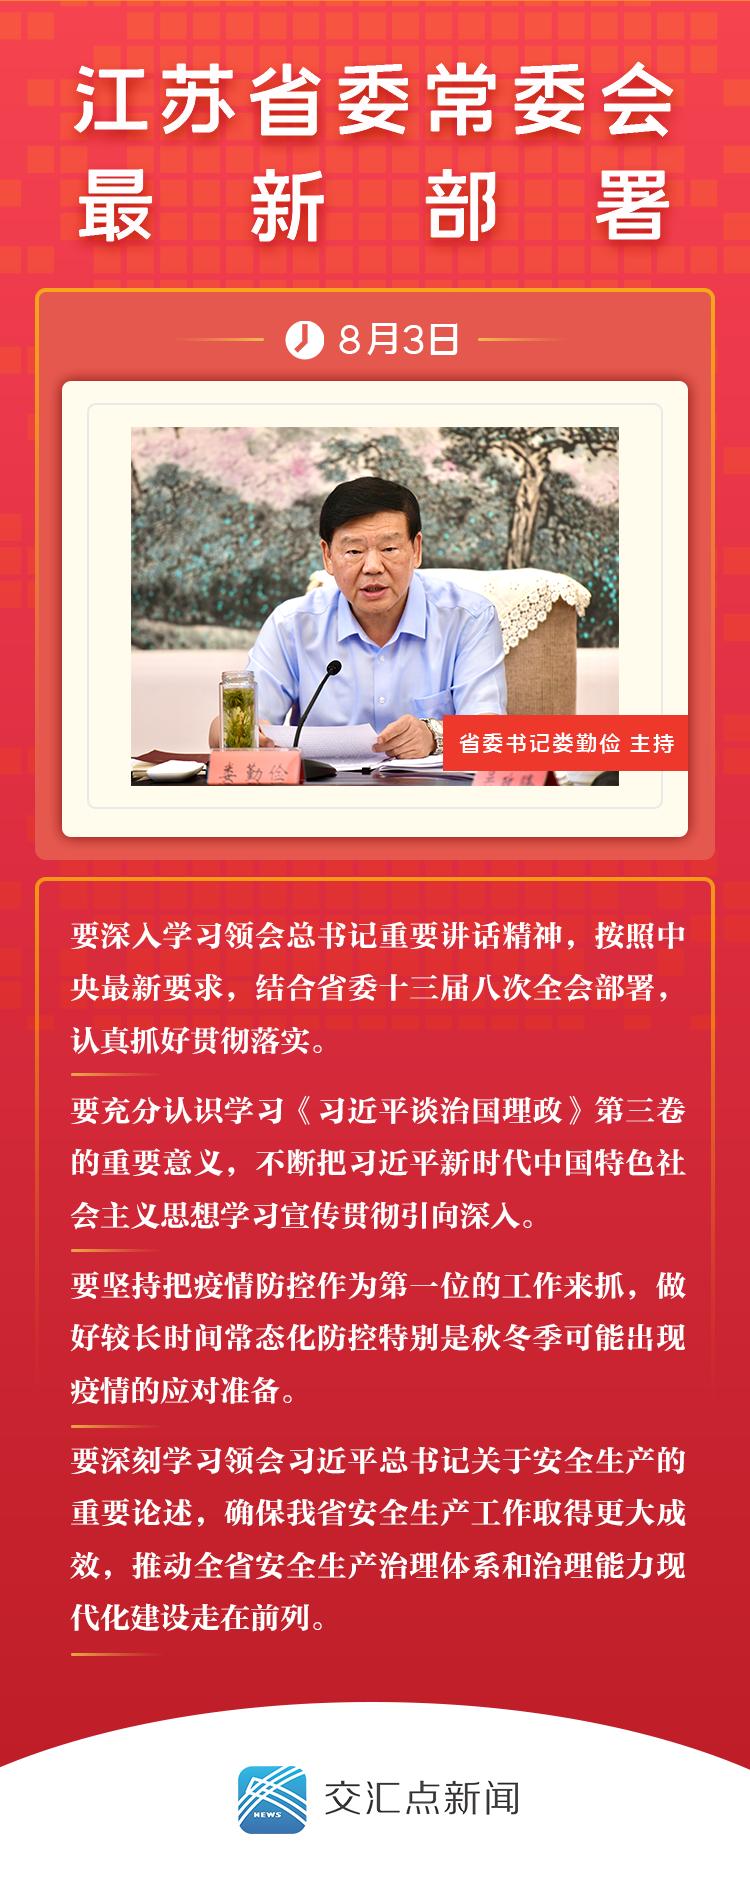 江苏省委常委会深入学习习近平总书记重要讲话精神 研究部署疫情防控、安全生产等工作